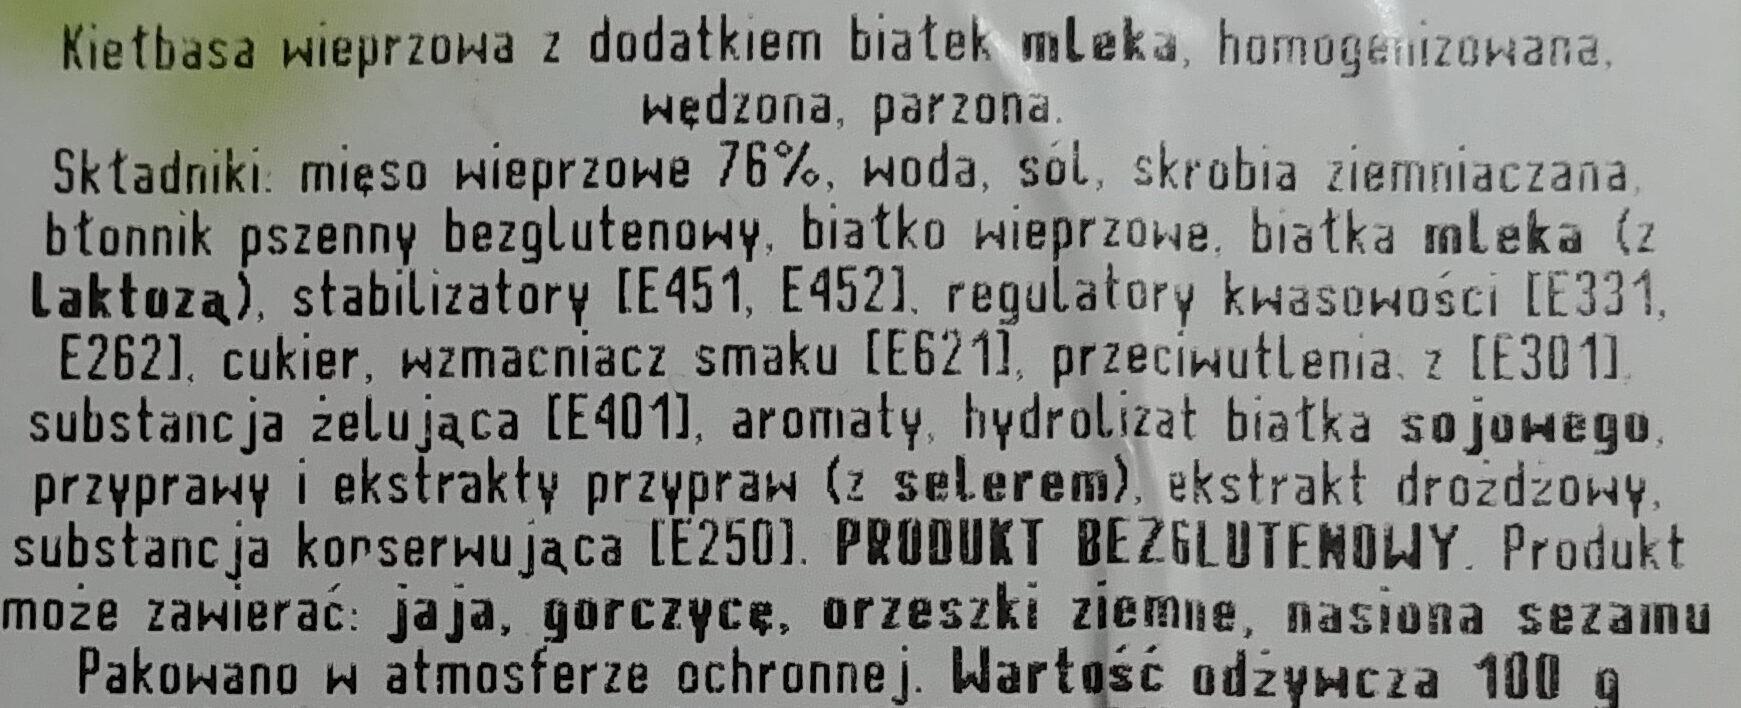 Parówki wieprzowe Mediolanki - Składniki - pl